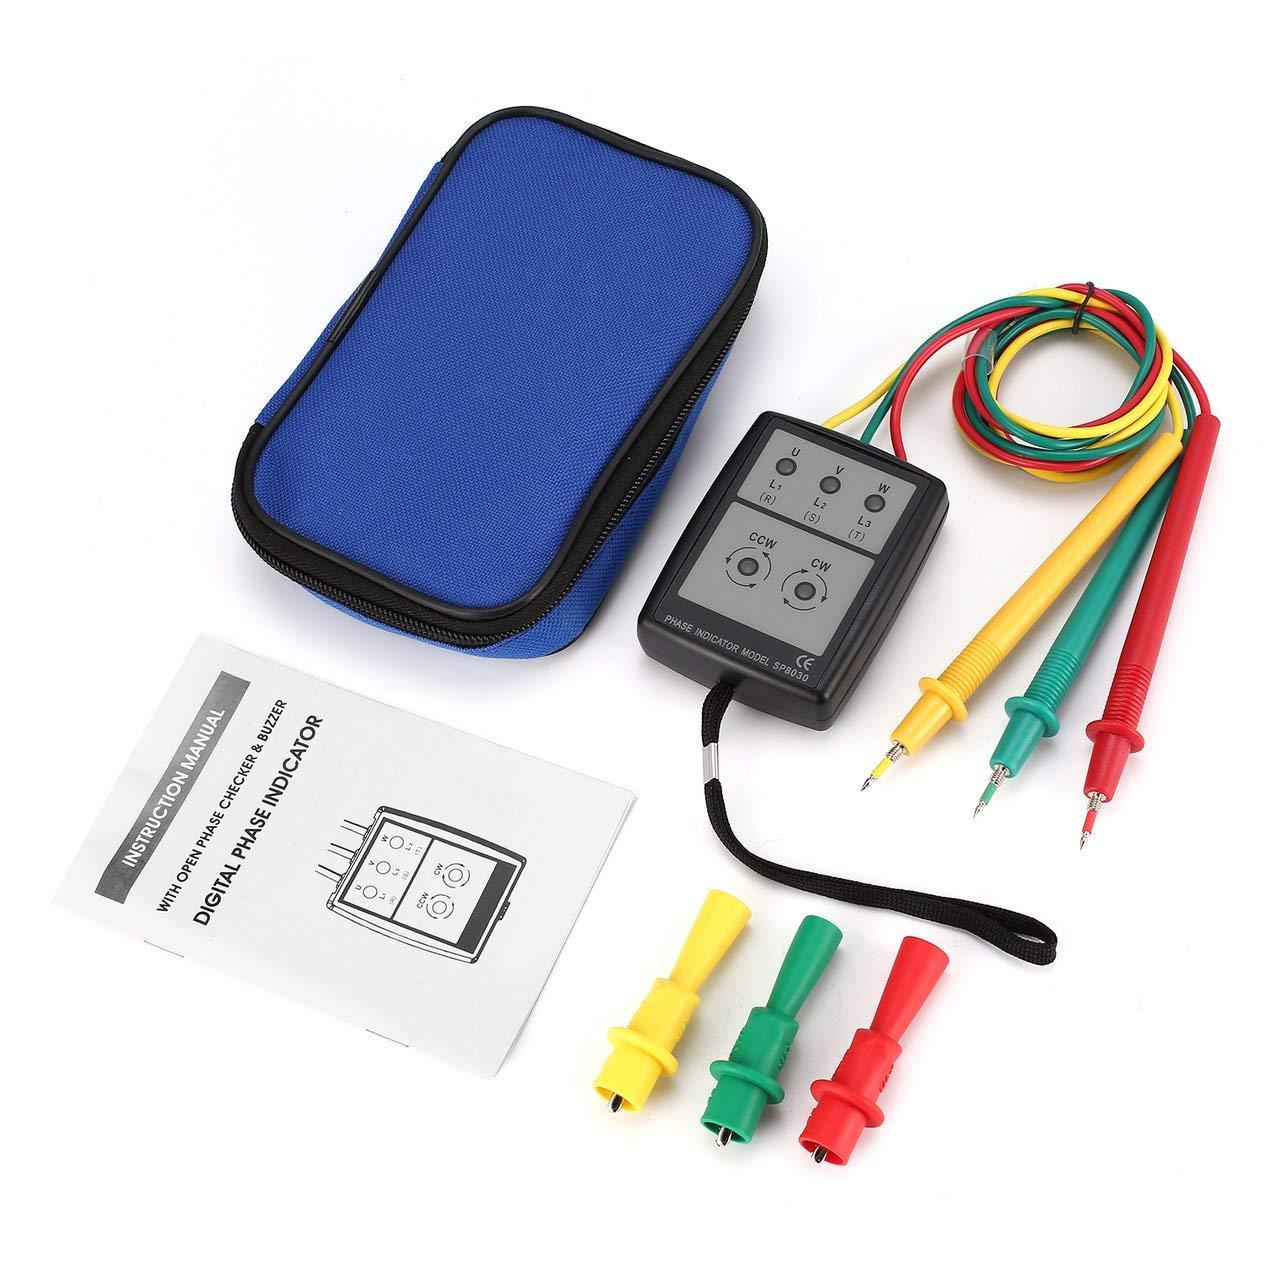 SP8030 Probador de rotació n trifá sico Detector de fase digital LED Zumbador Medidor de secuencia de fase Probador de voltaje 200V-480V CA Dooret